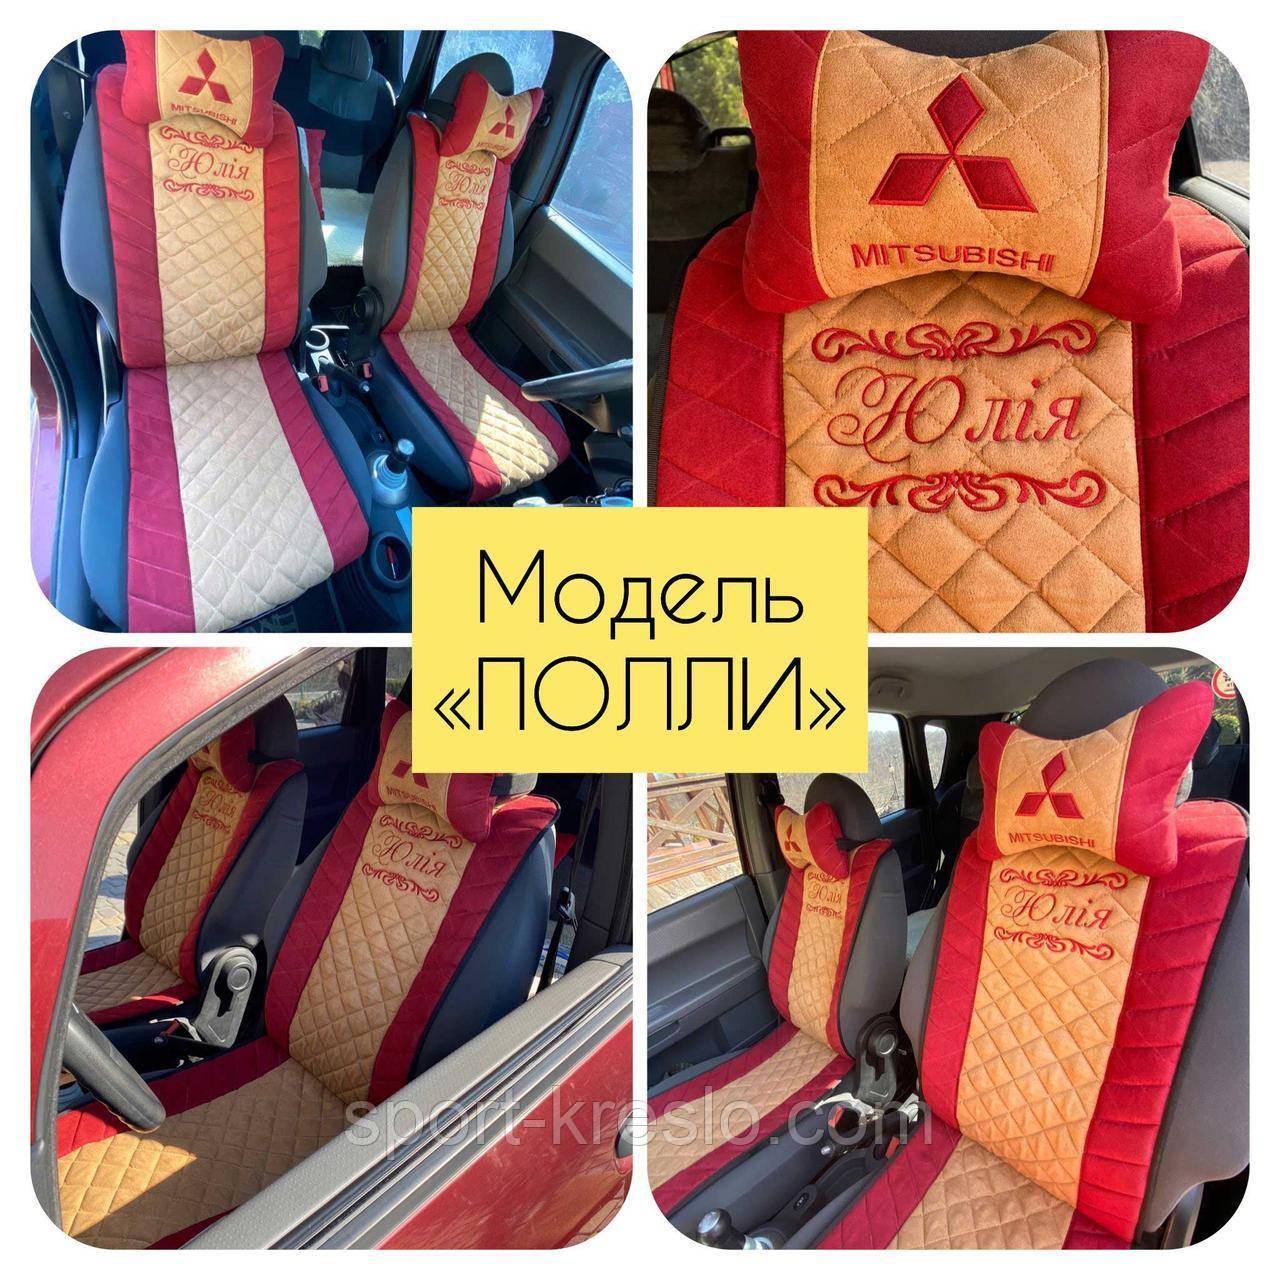 Накидки на передние сидения автомобильные чехлы универсальные с вышивкой